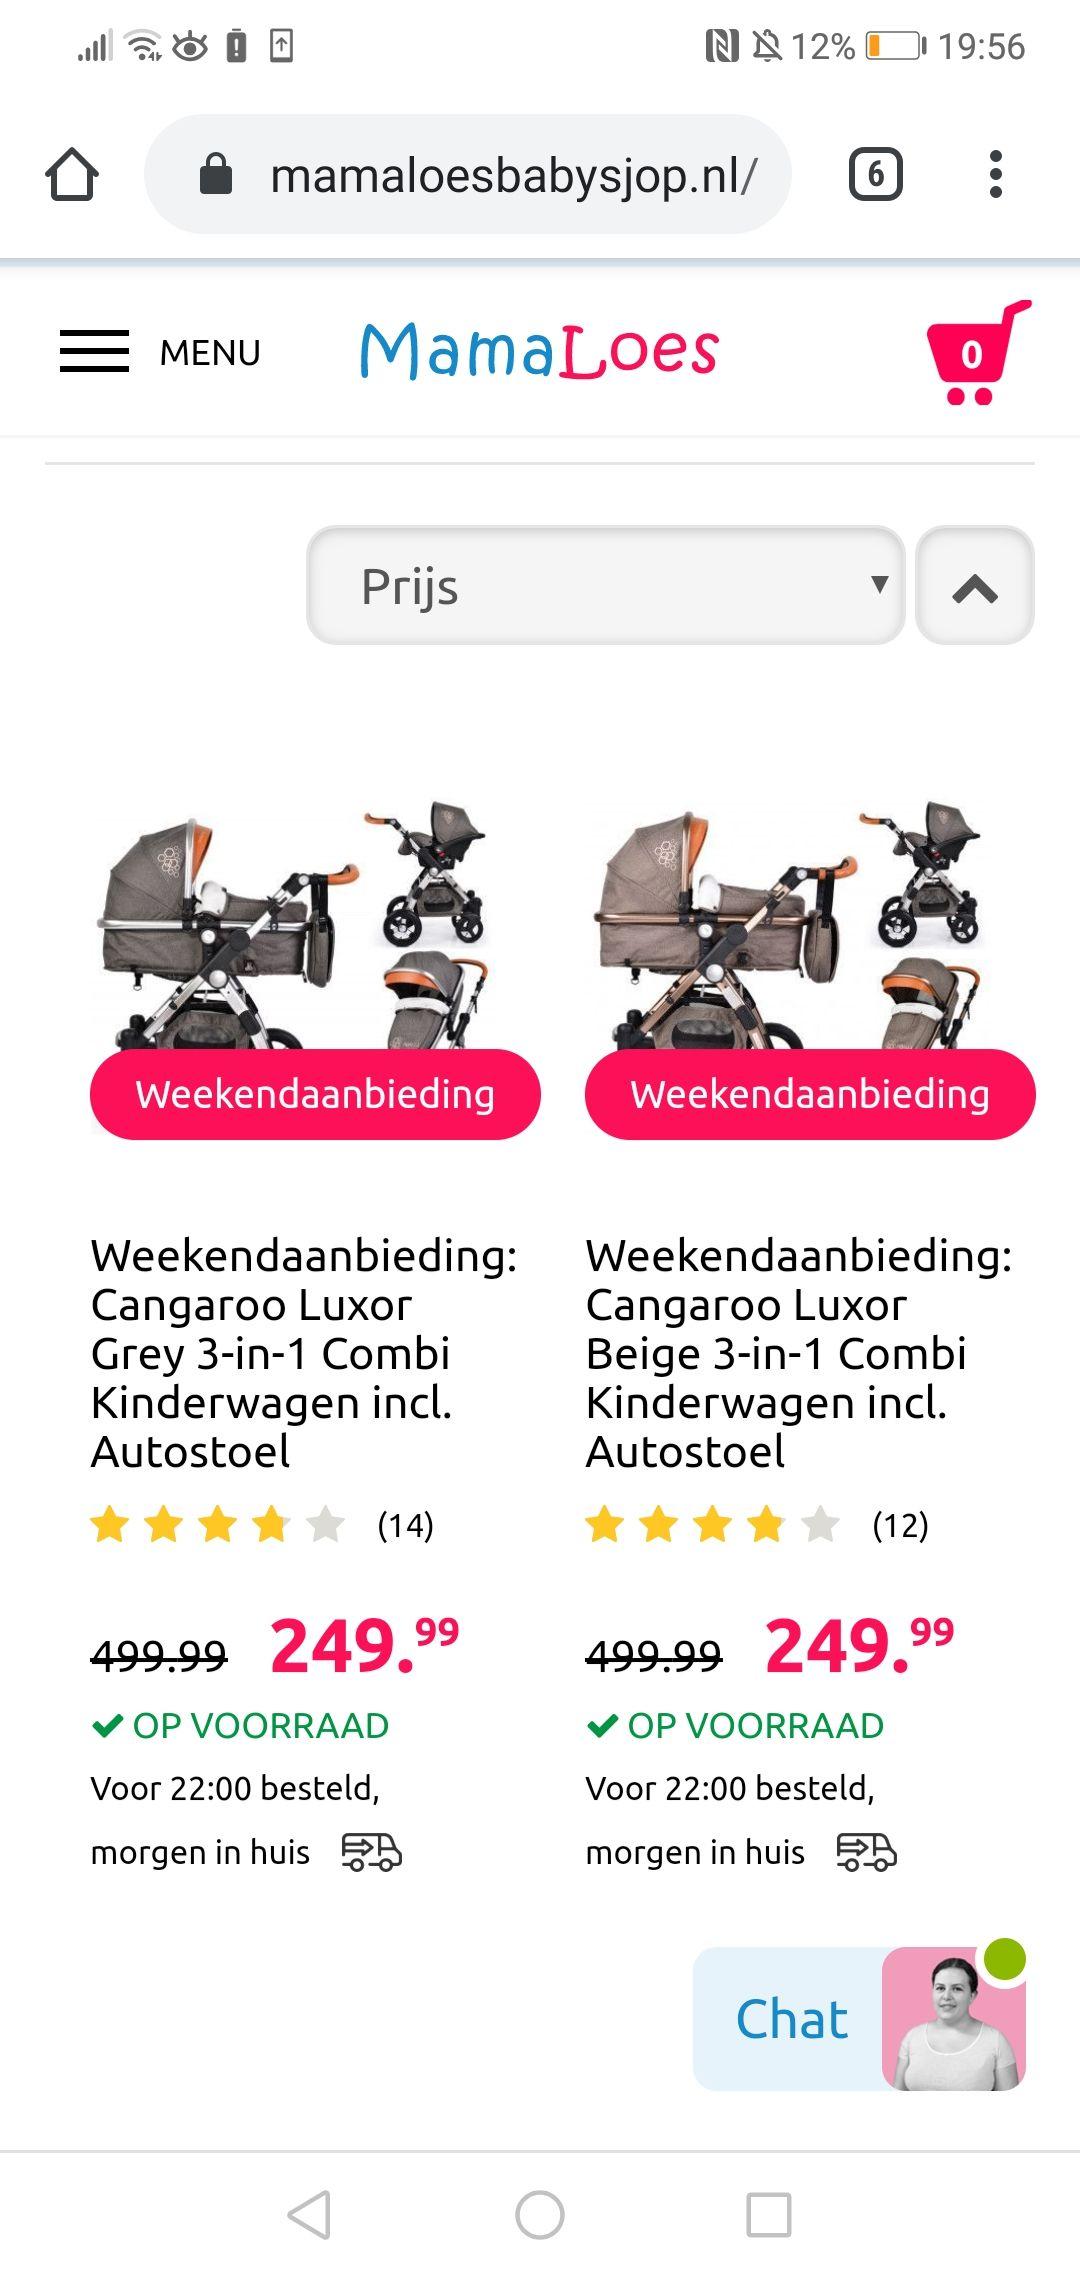 Cangaroo kinderwagen €250 euro korting!